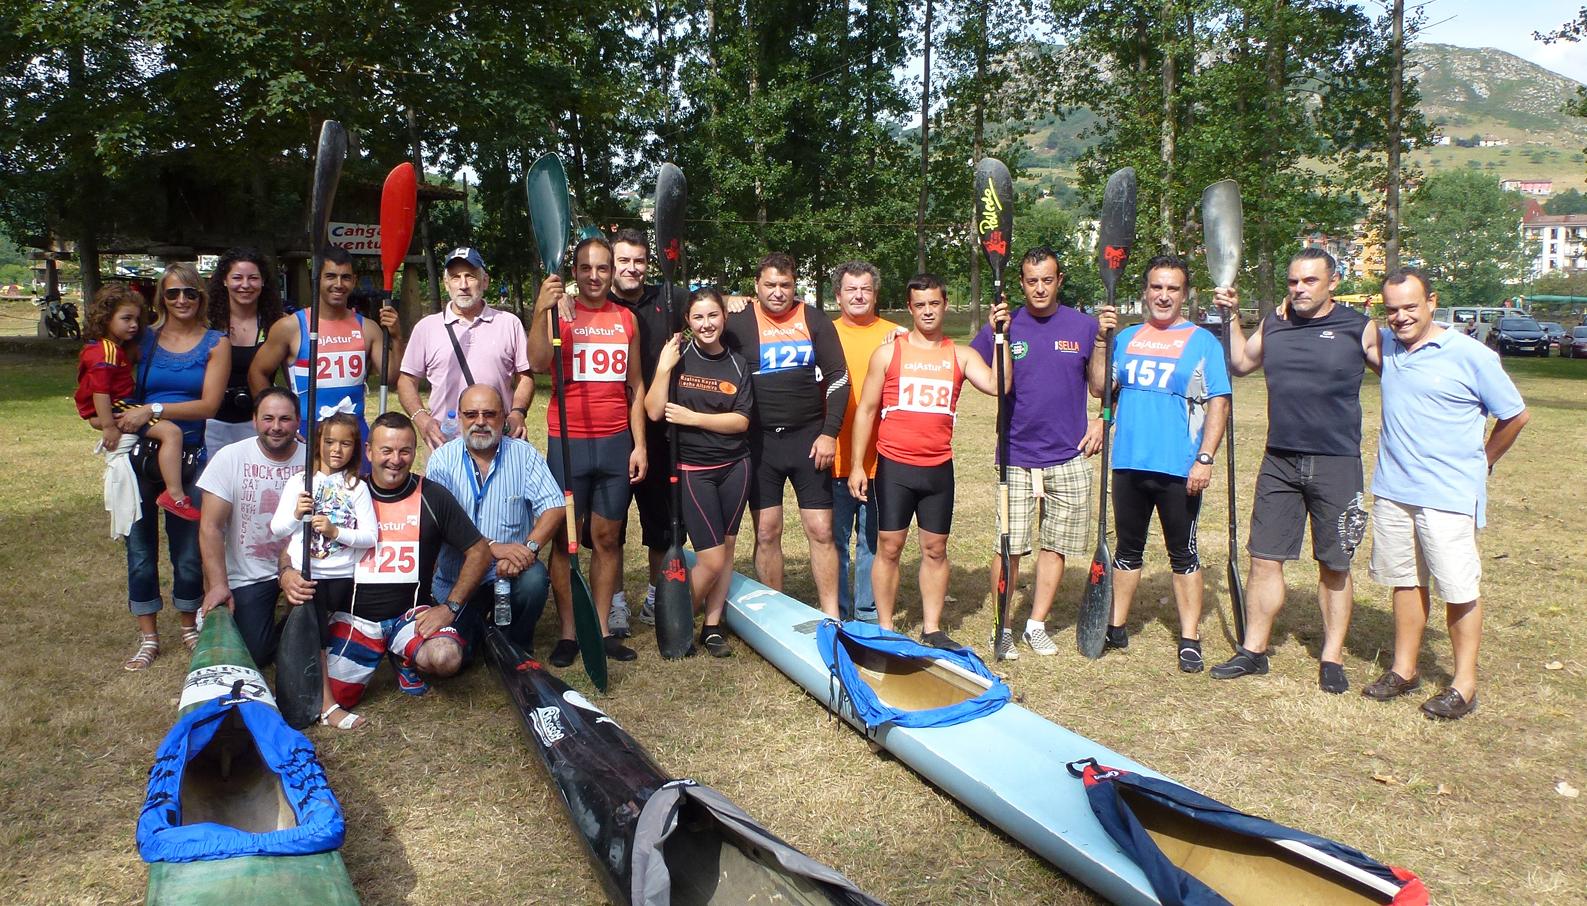 Los componentes del Equipo Rasines Kayak-Anchoas Codesa antes de la salida de la edición del pasado año del Descenso del Sella. Foto: Toño Ruiz Garmendia / Sport Foto